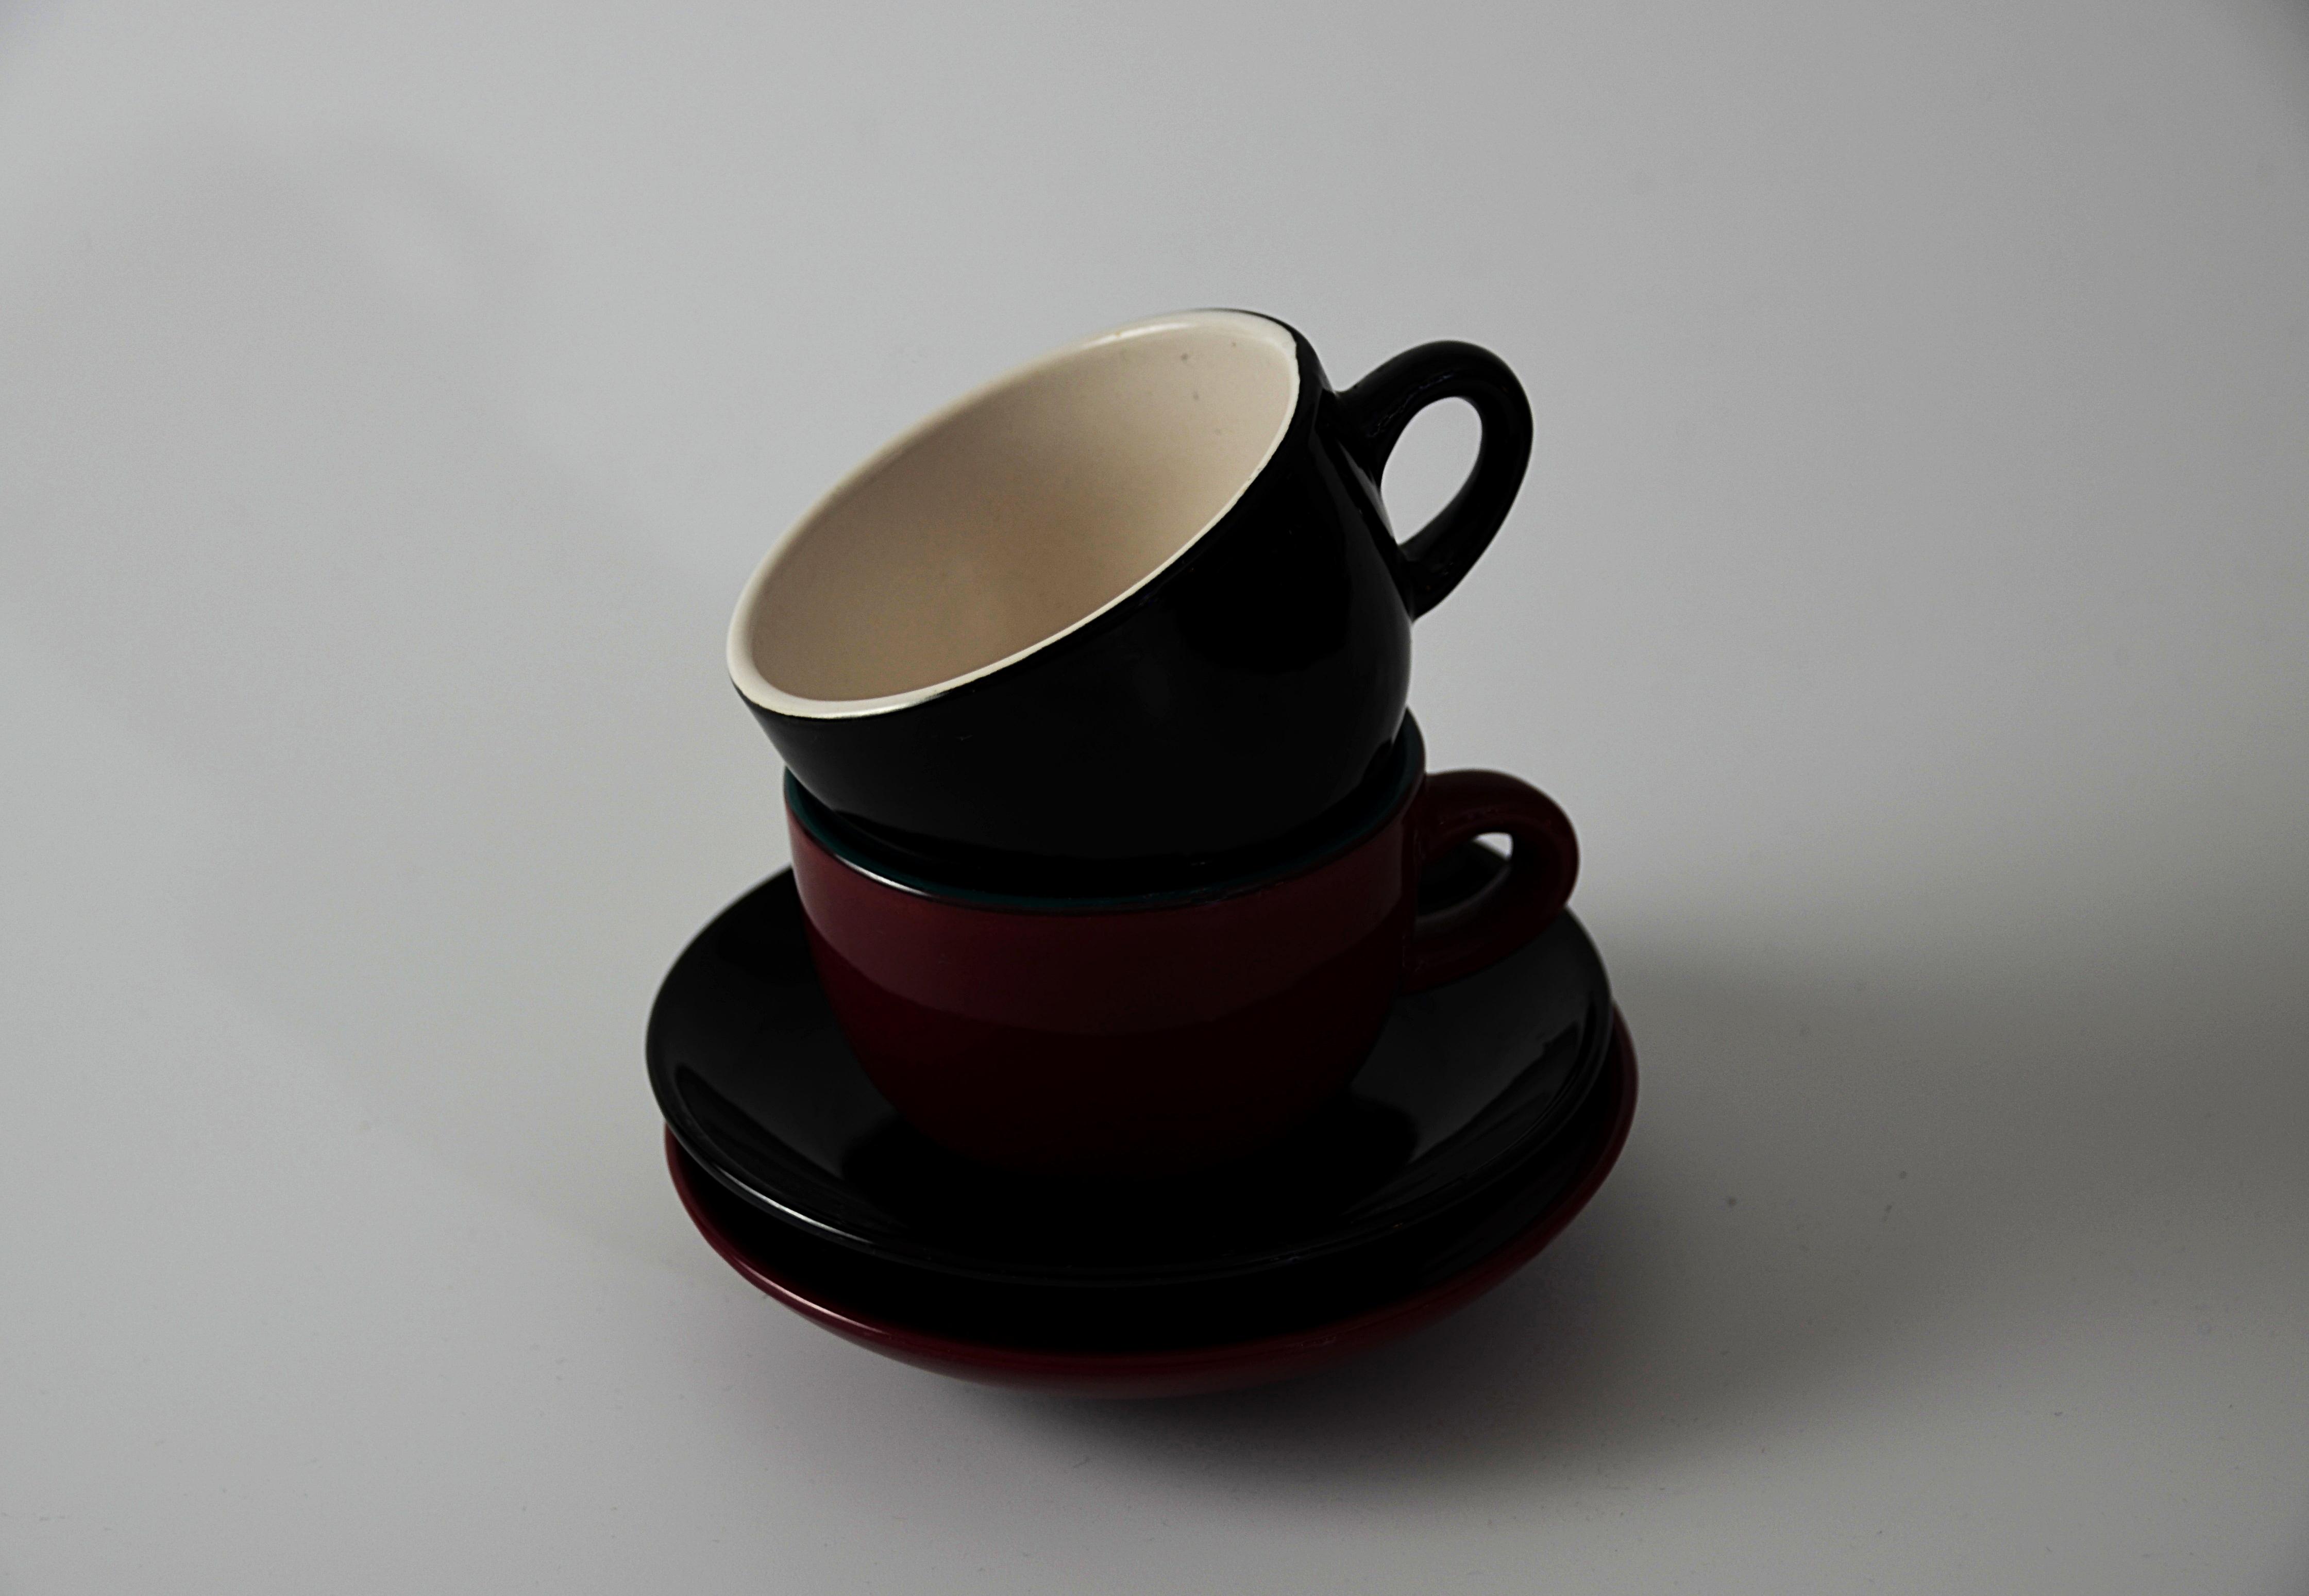 รูปภาพ ตาราง สีแดง เซรามิค ดำ เอสเพรสโซ ถ้วยกาแฟ